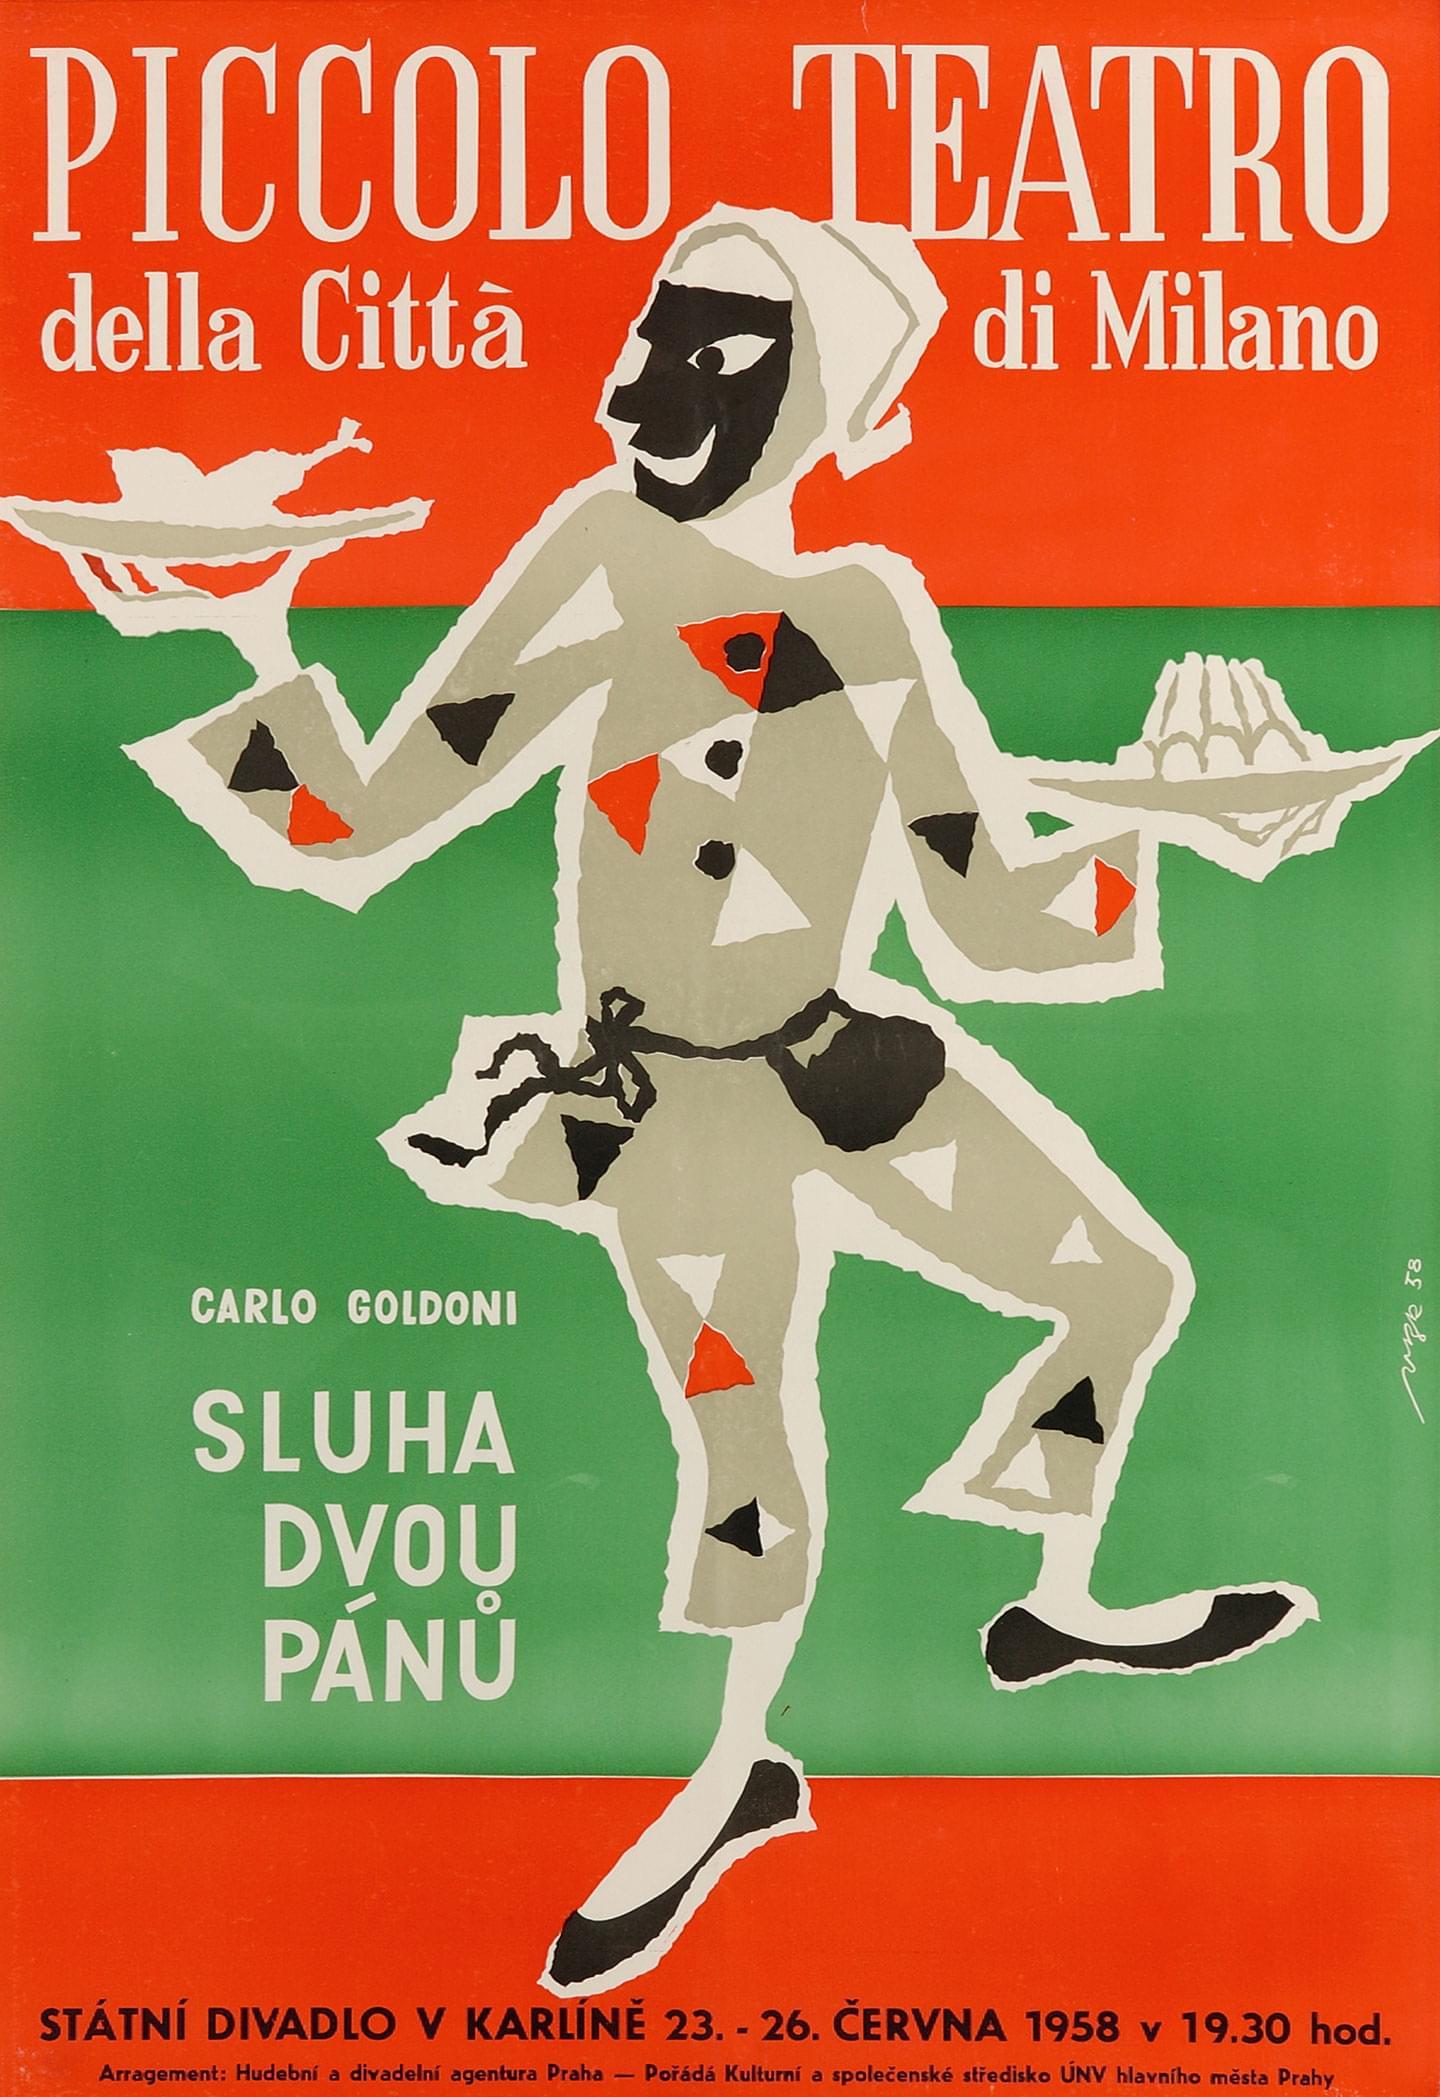 Praga, 23 giugno 1958 - Archivio Piccolo Teatro di Milano